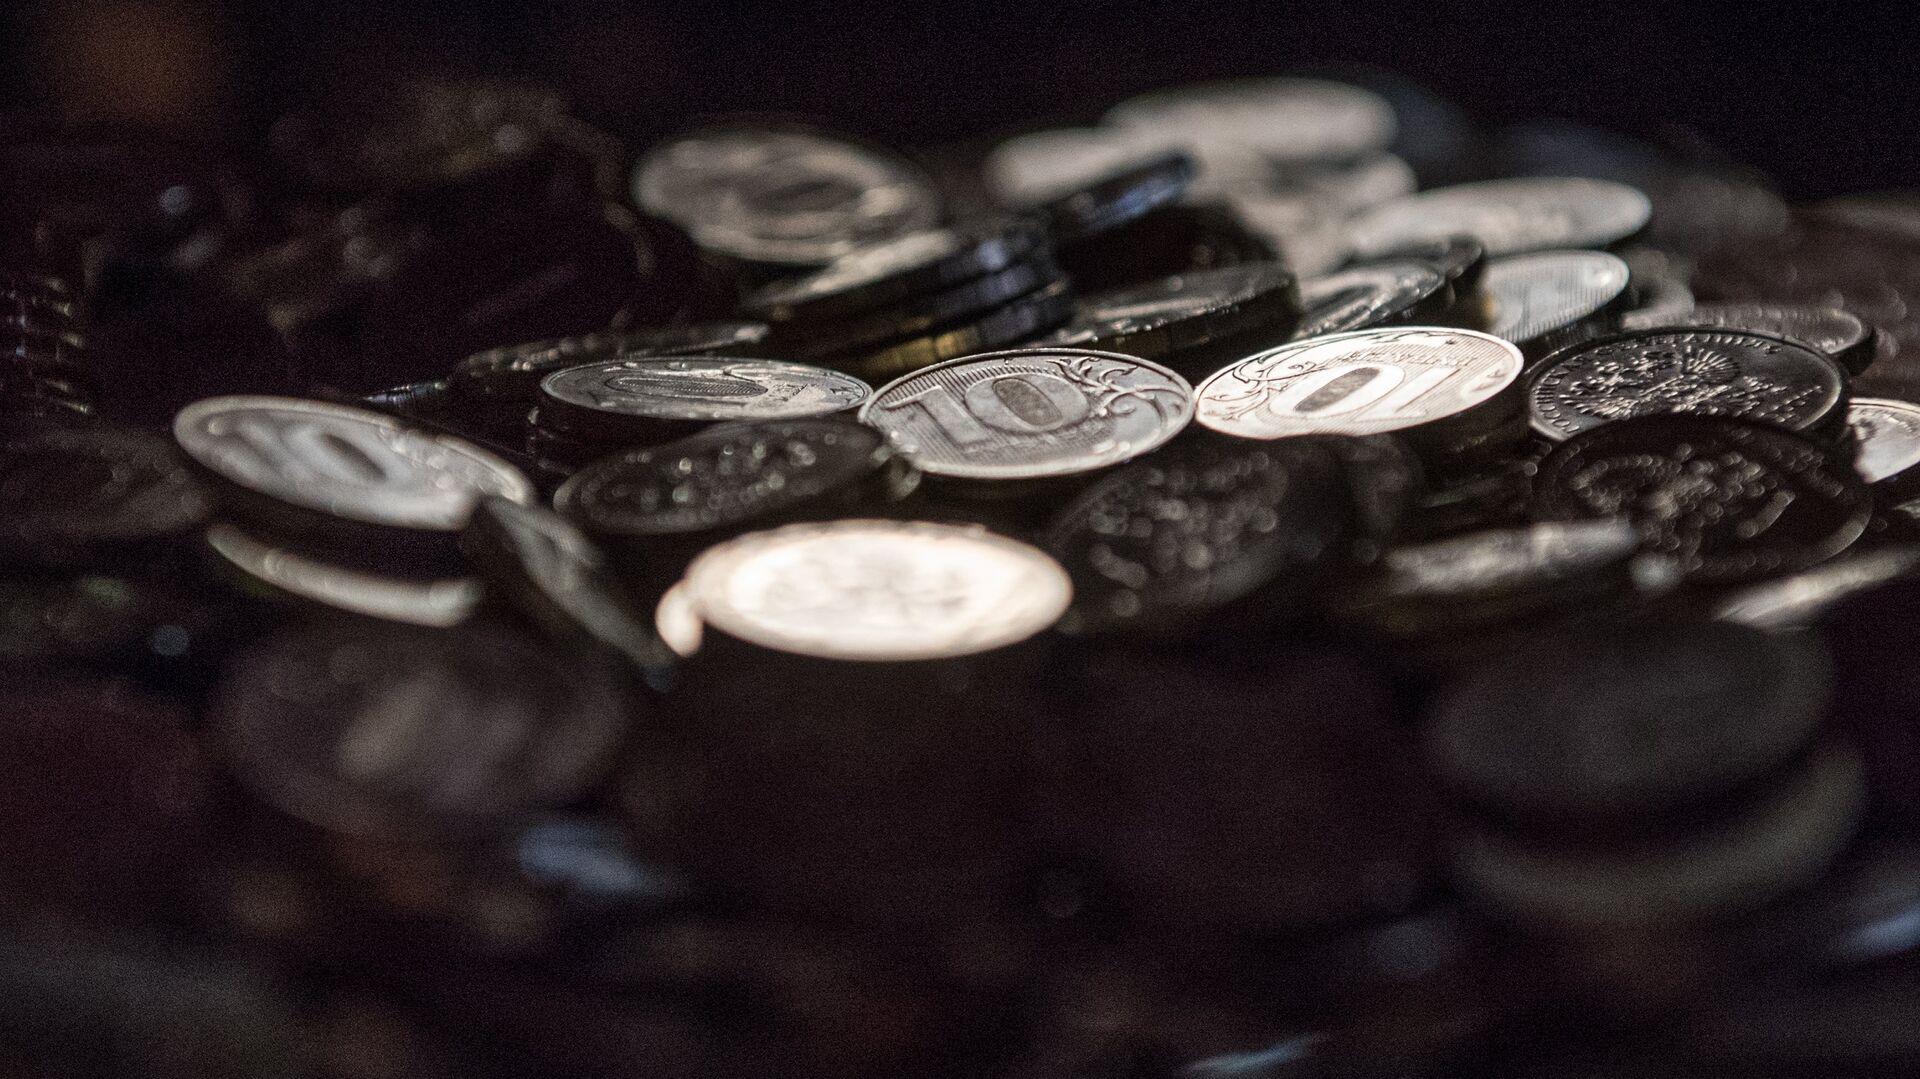 Десятирублевые монеты - РИА Новости, 1920, 25.03.2021